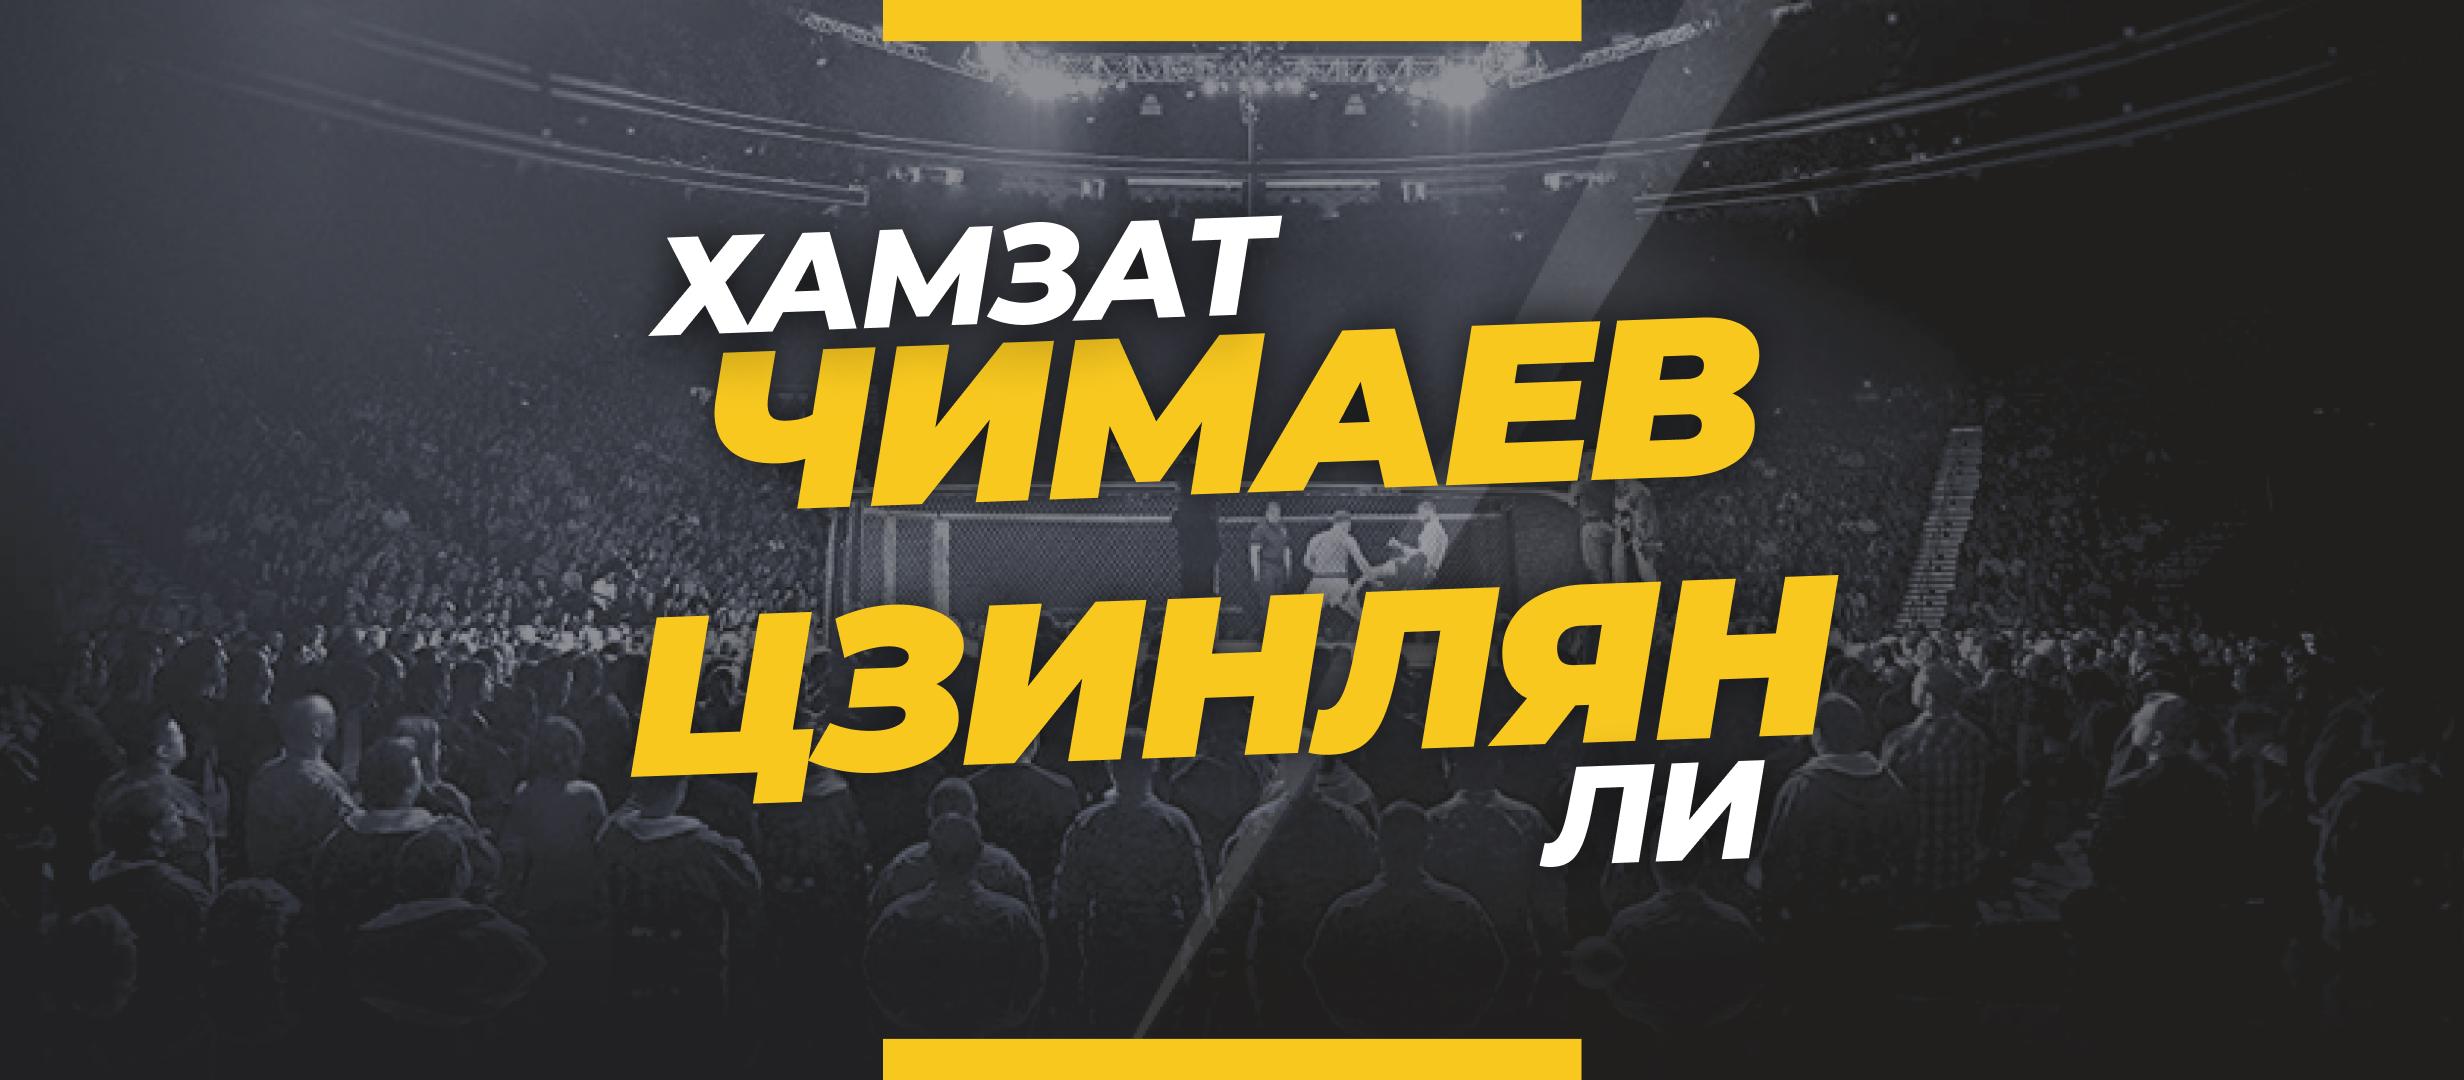 Чимаев – Ли Цзинлян: ставки и коэффициенты на бой